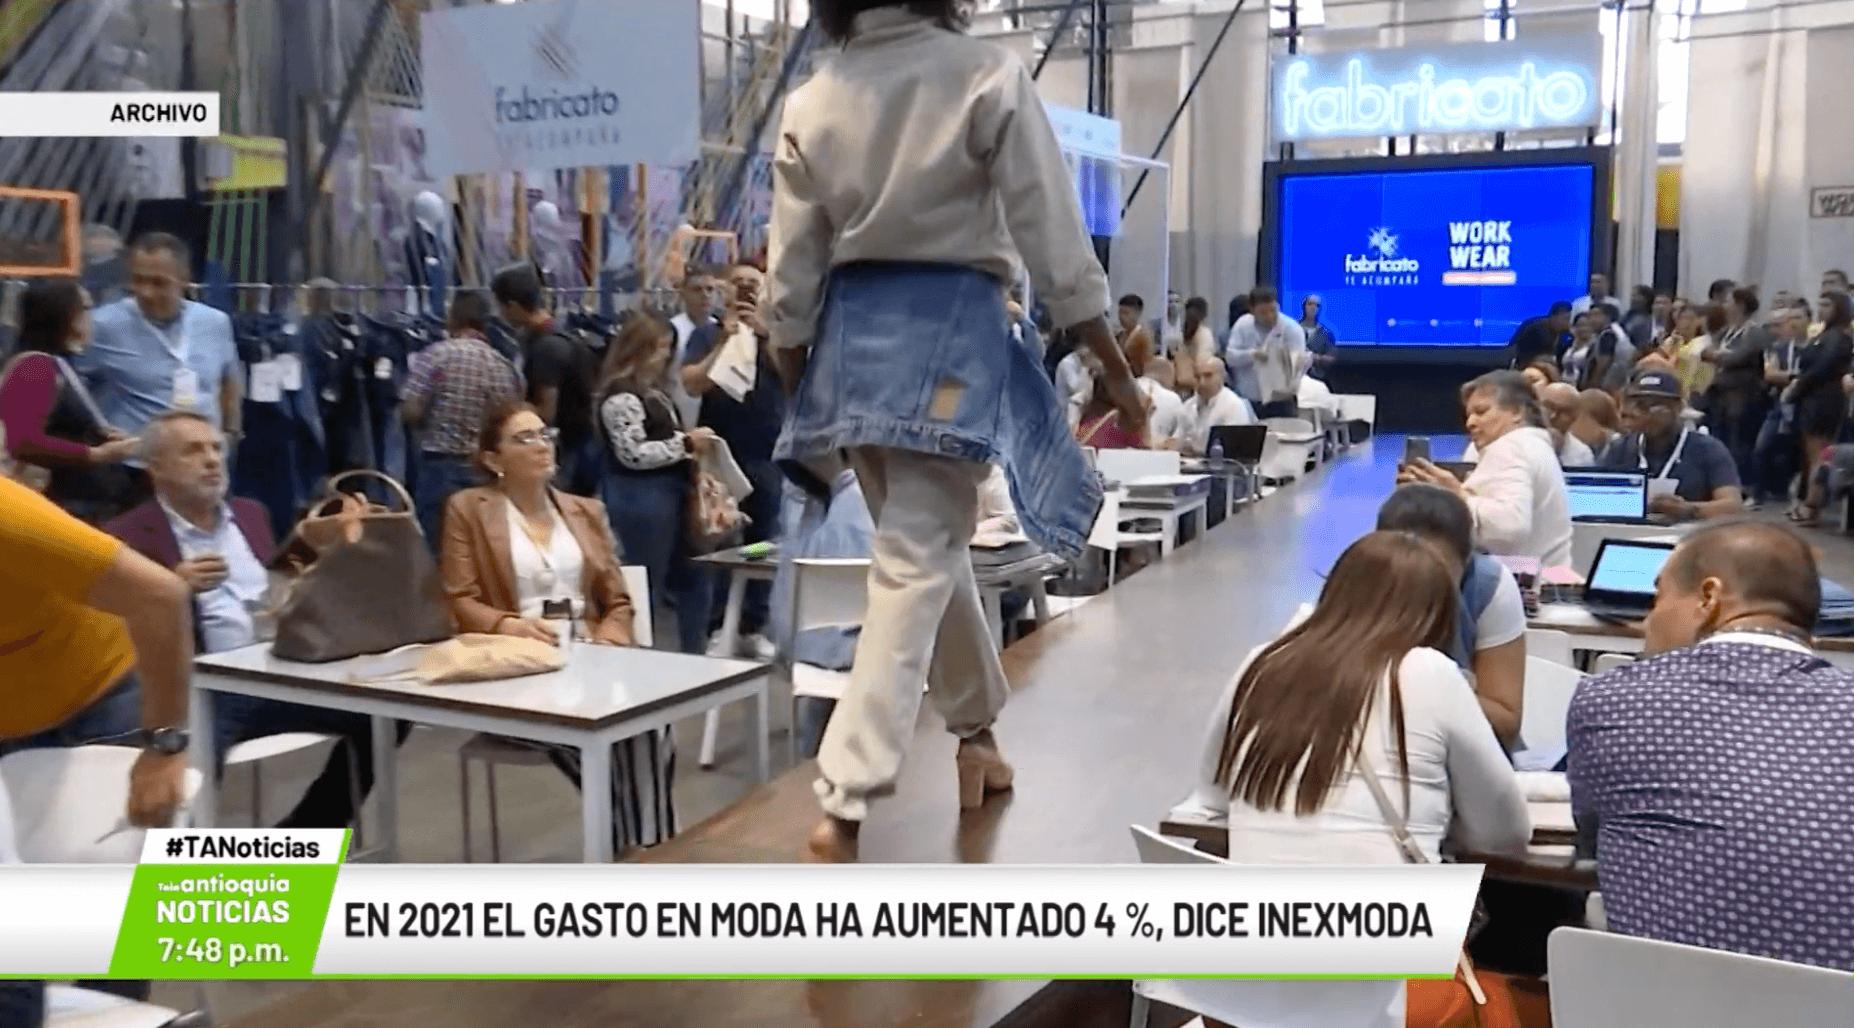 En 2021 gasto en moda ha aumentado 4 %, dice Inexmoda